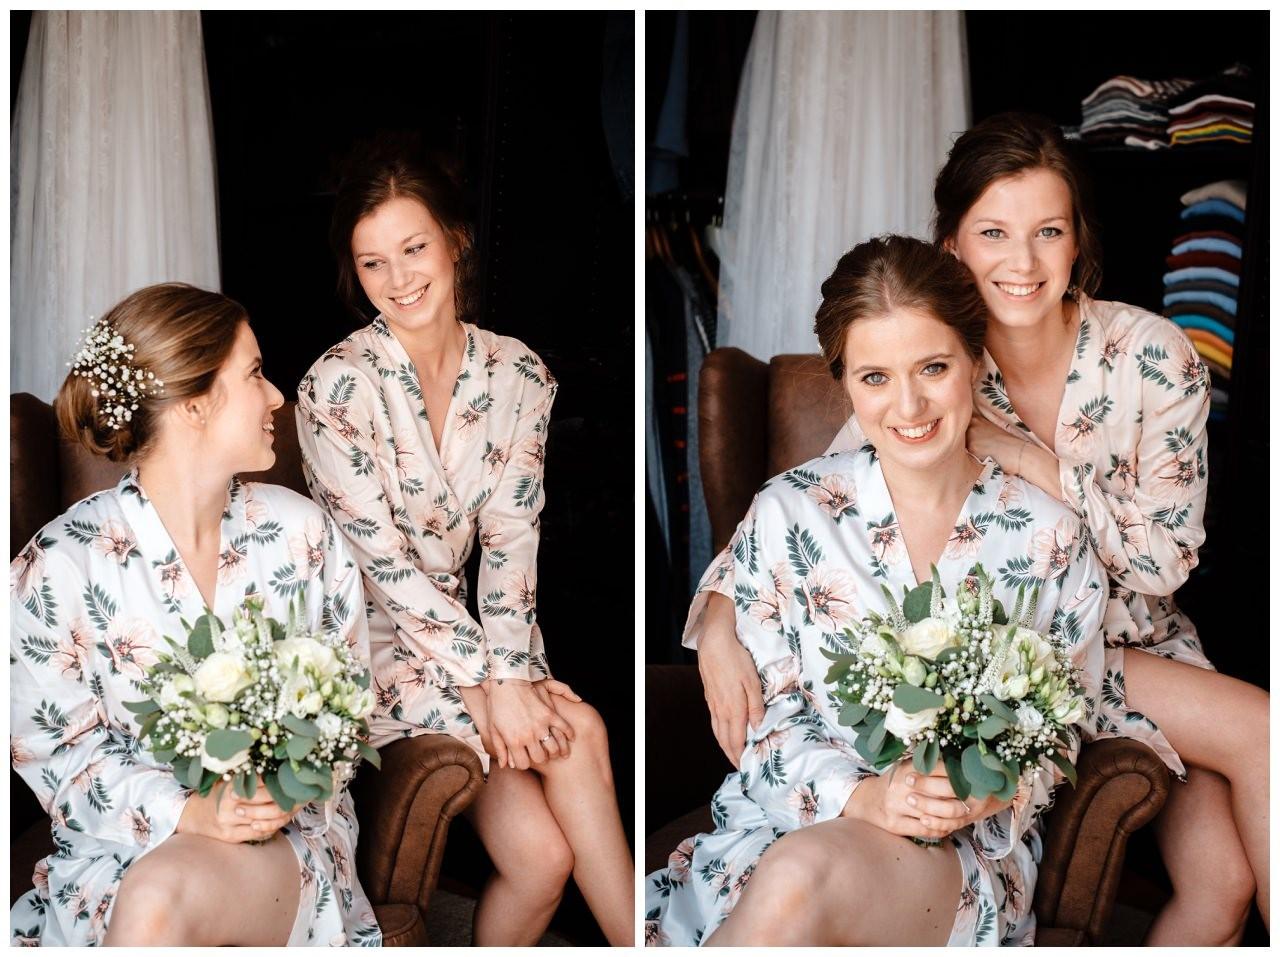 hochzeit koenigswinter drachenfels drachenburg heiraten hochzeitsfotograf leverkusen 12 - Hochzeit auf dem Drachenfels in Königswinter